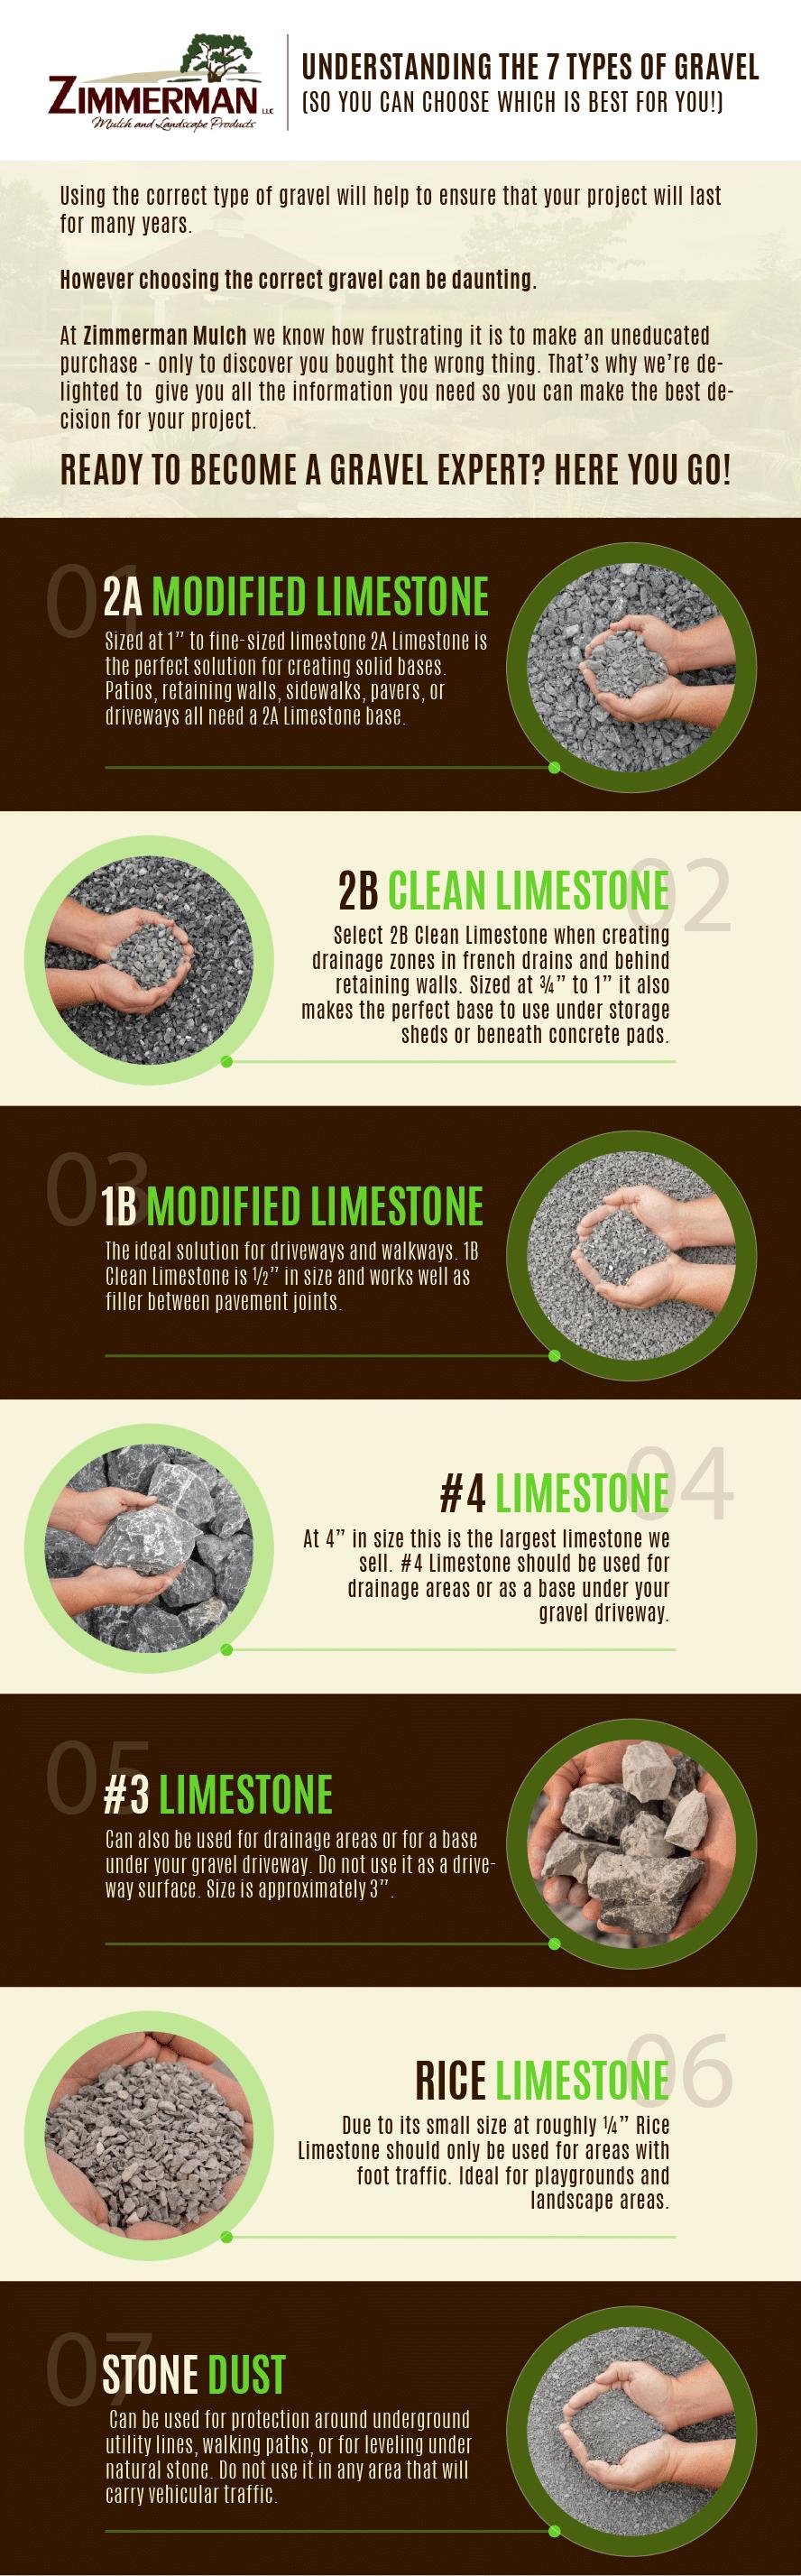 Understanding 7 types of gravel